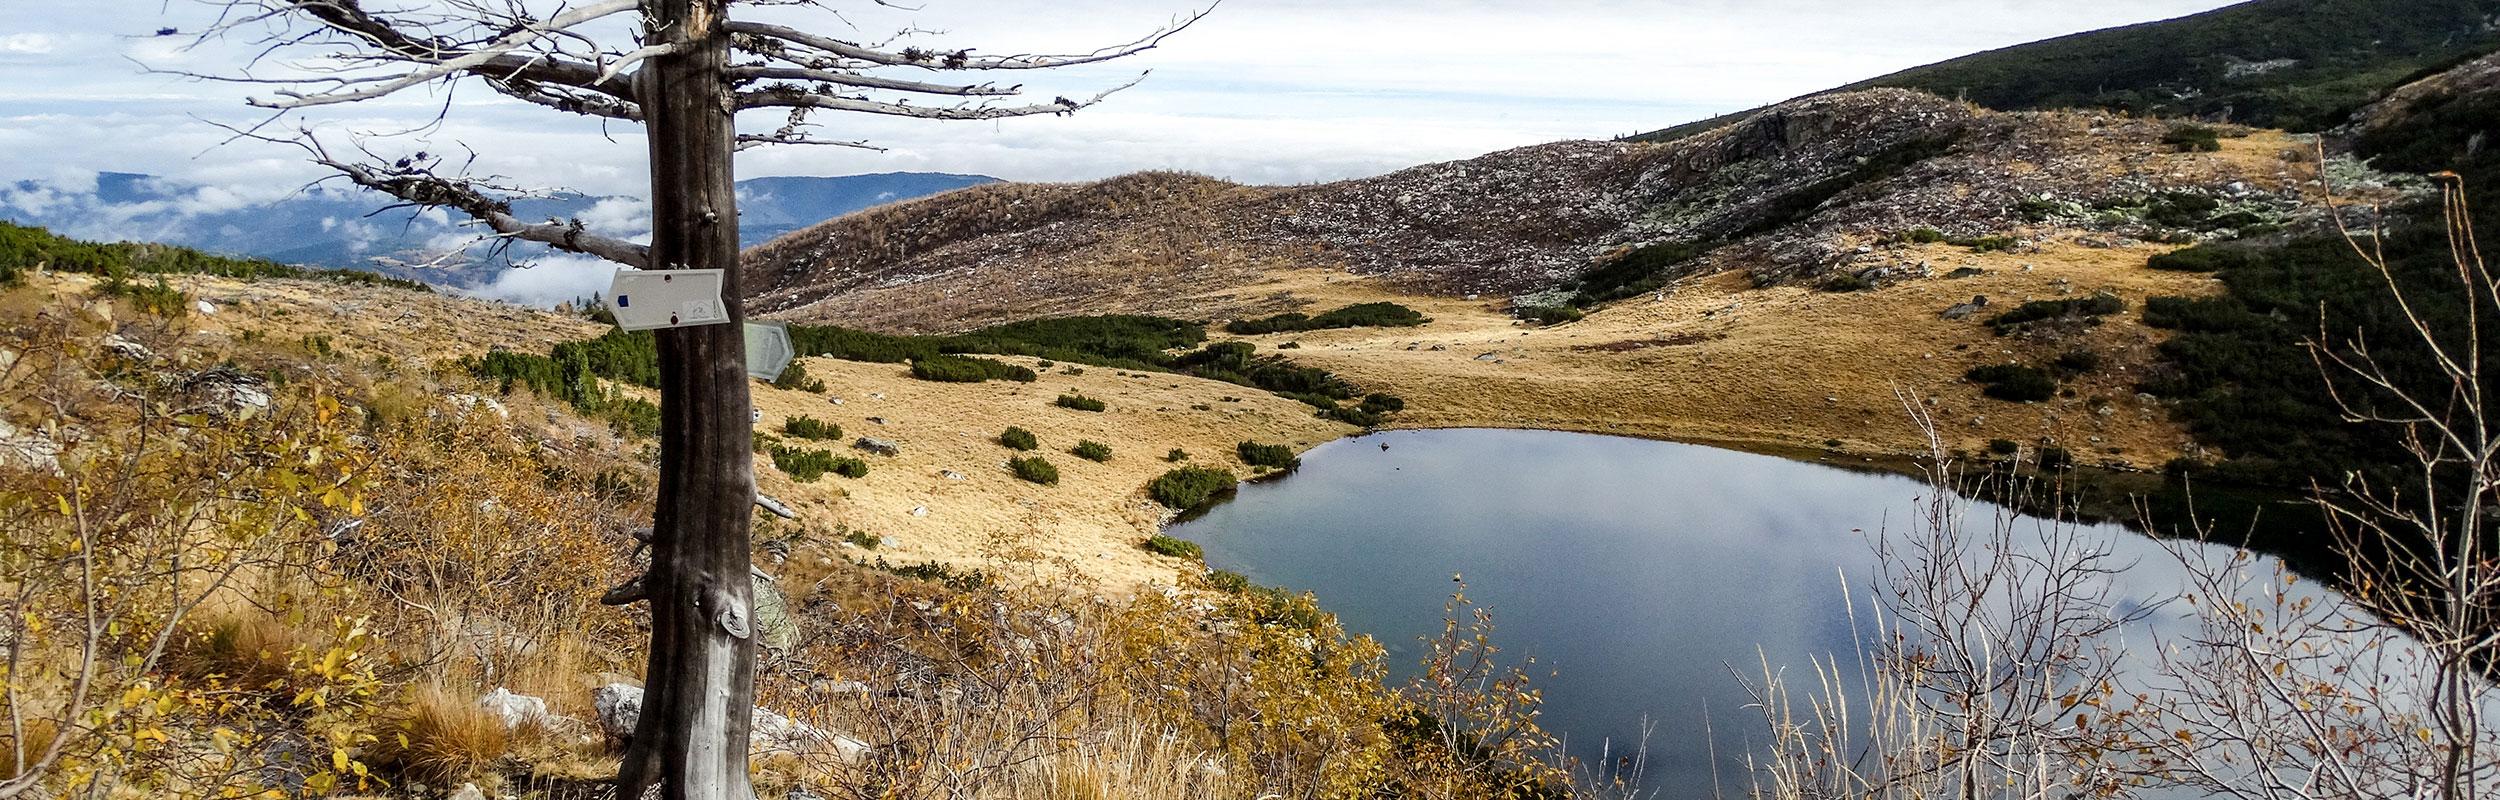 Backpack Nerd - Страшното езеро - най-красивото езеро в Рила